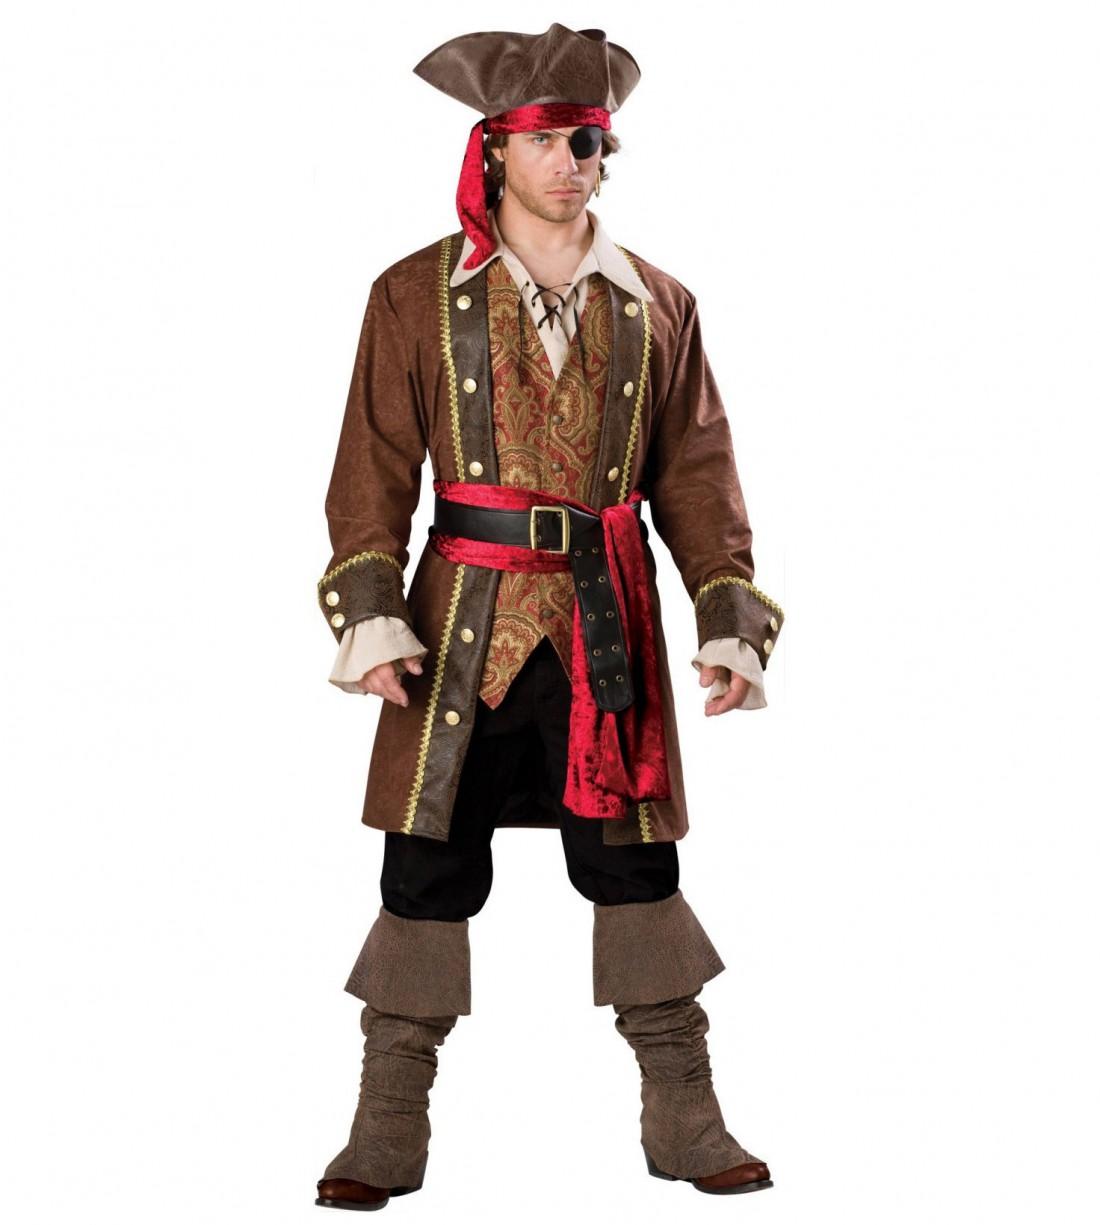 Образ капитана корабля дополни пиратской шляпой